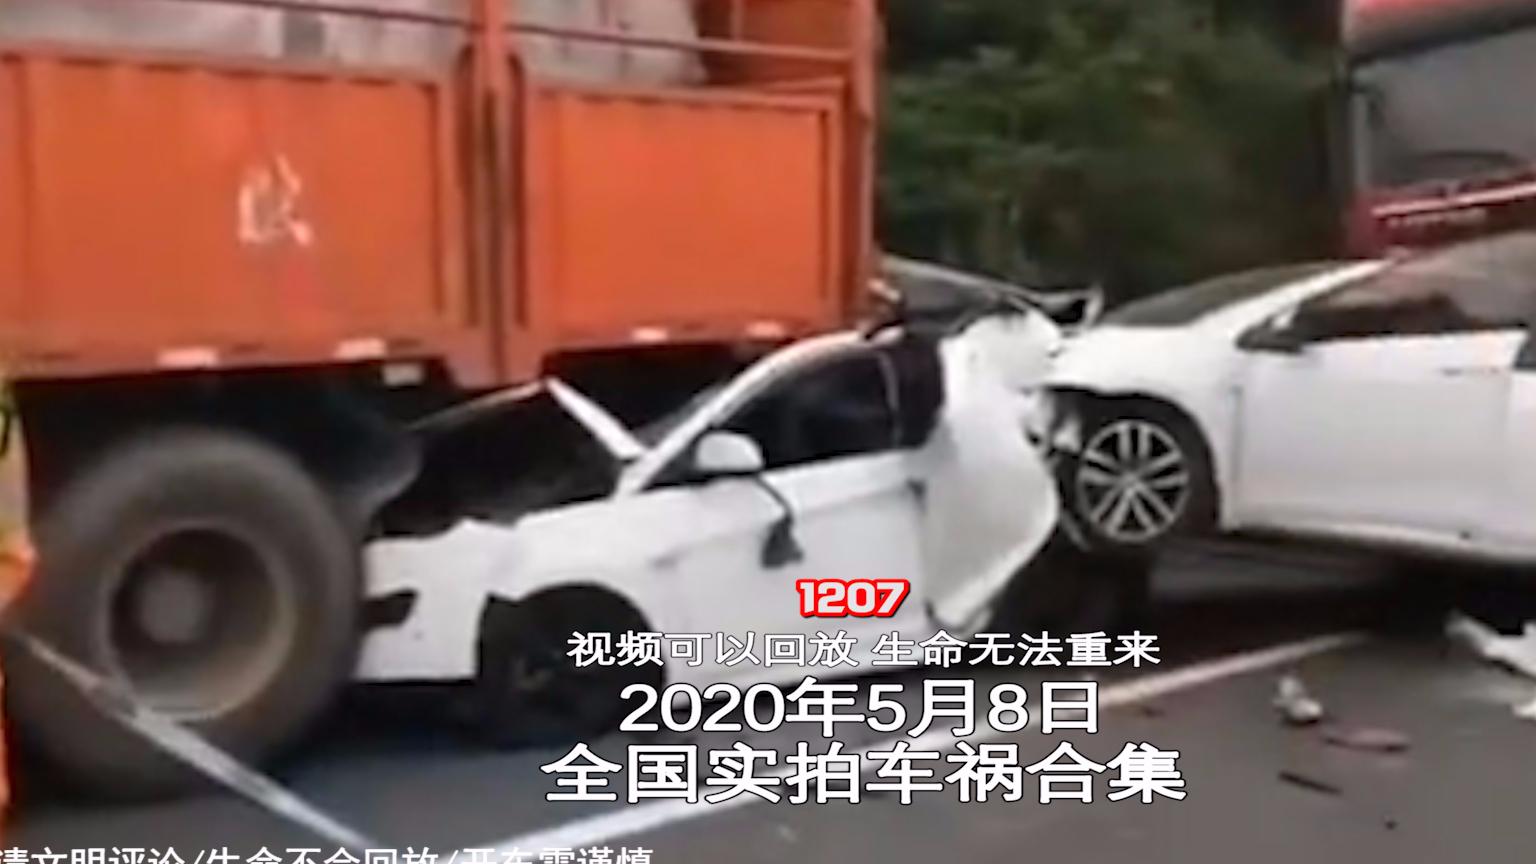 1207期:幼童骑滑板冲上马路,小车司机吓到腿软【20200508全国车祸合集】